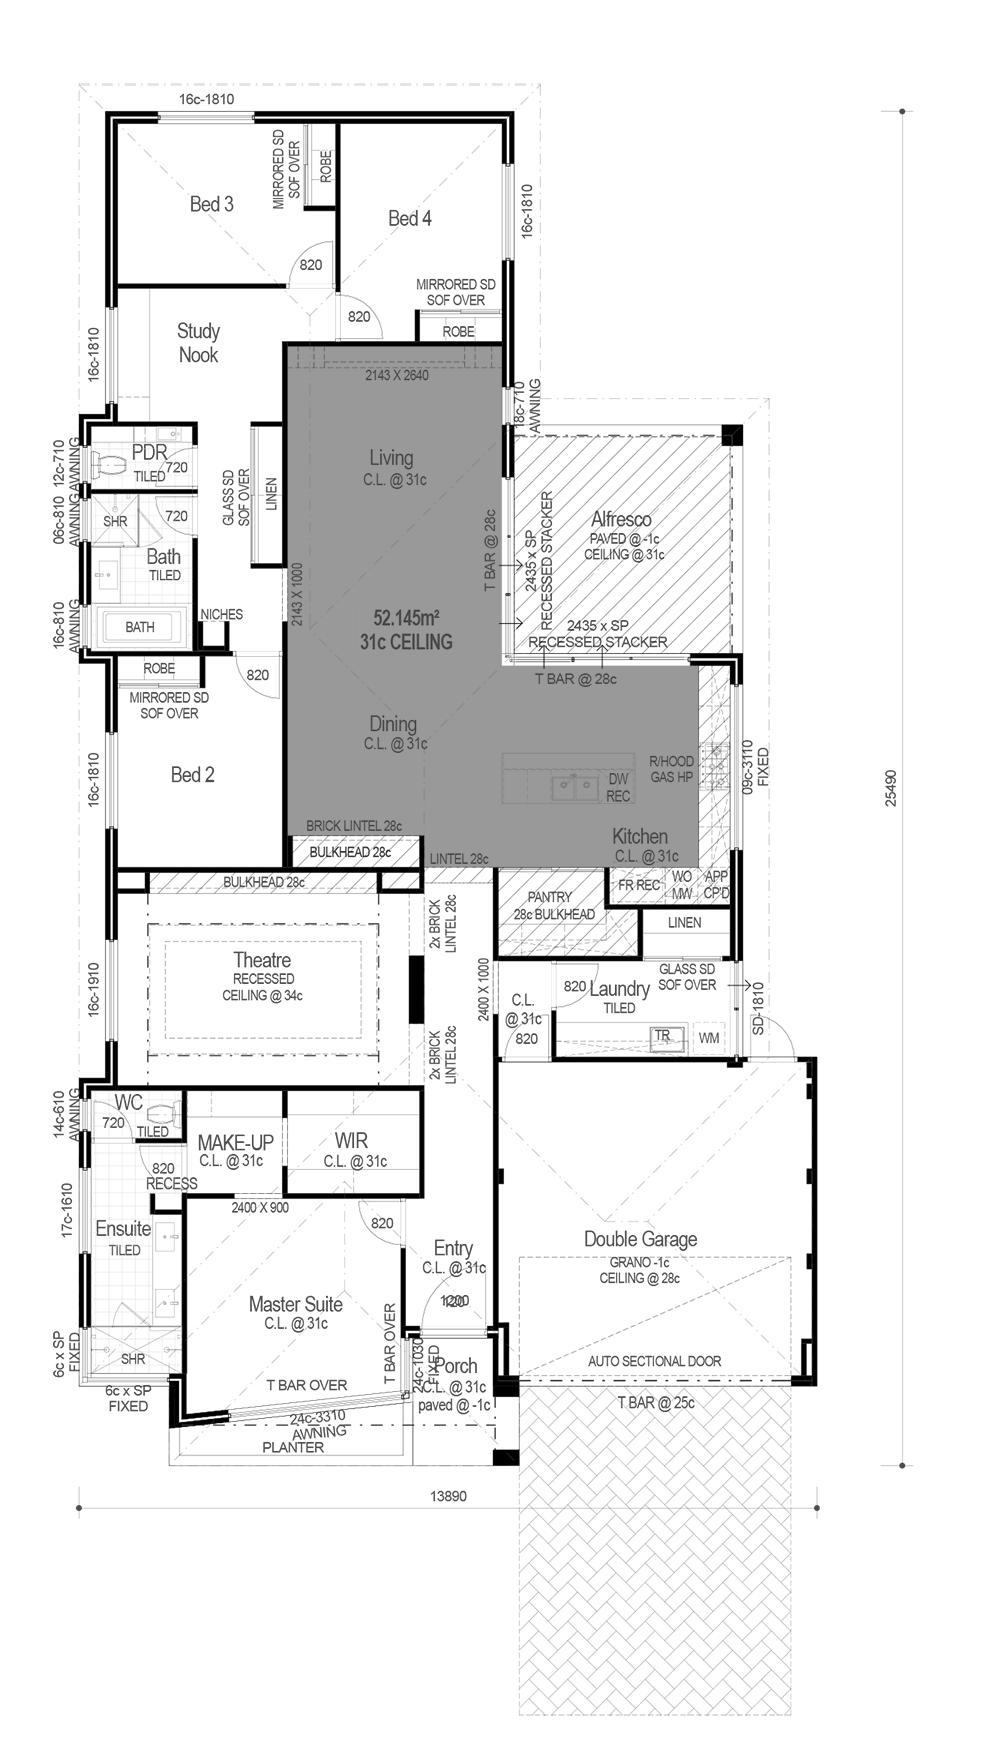 Ocean Series The Charleston Floorplan Floor Plans House Floor Plans